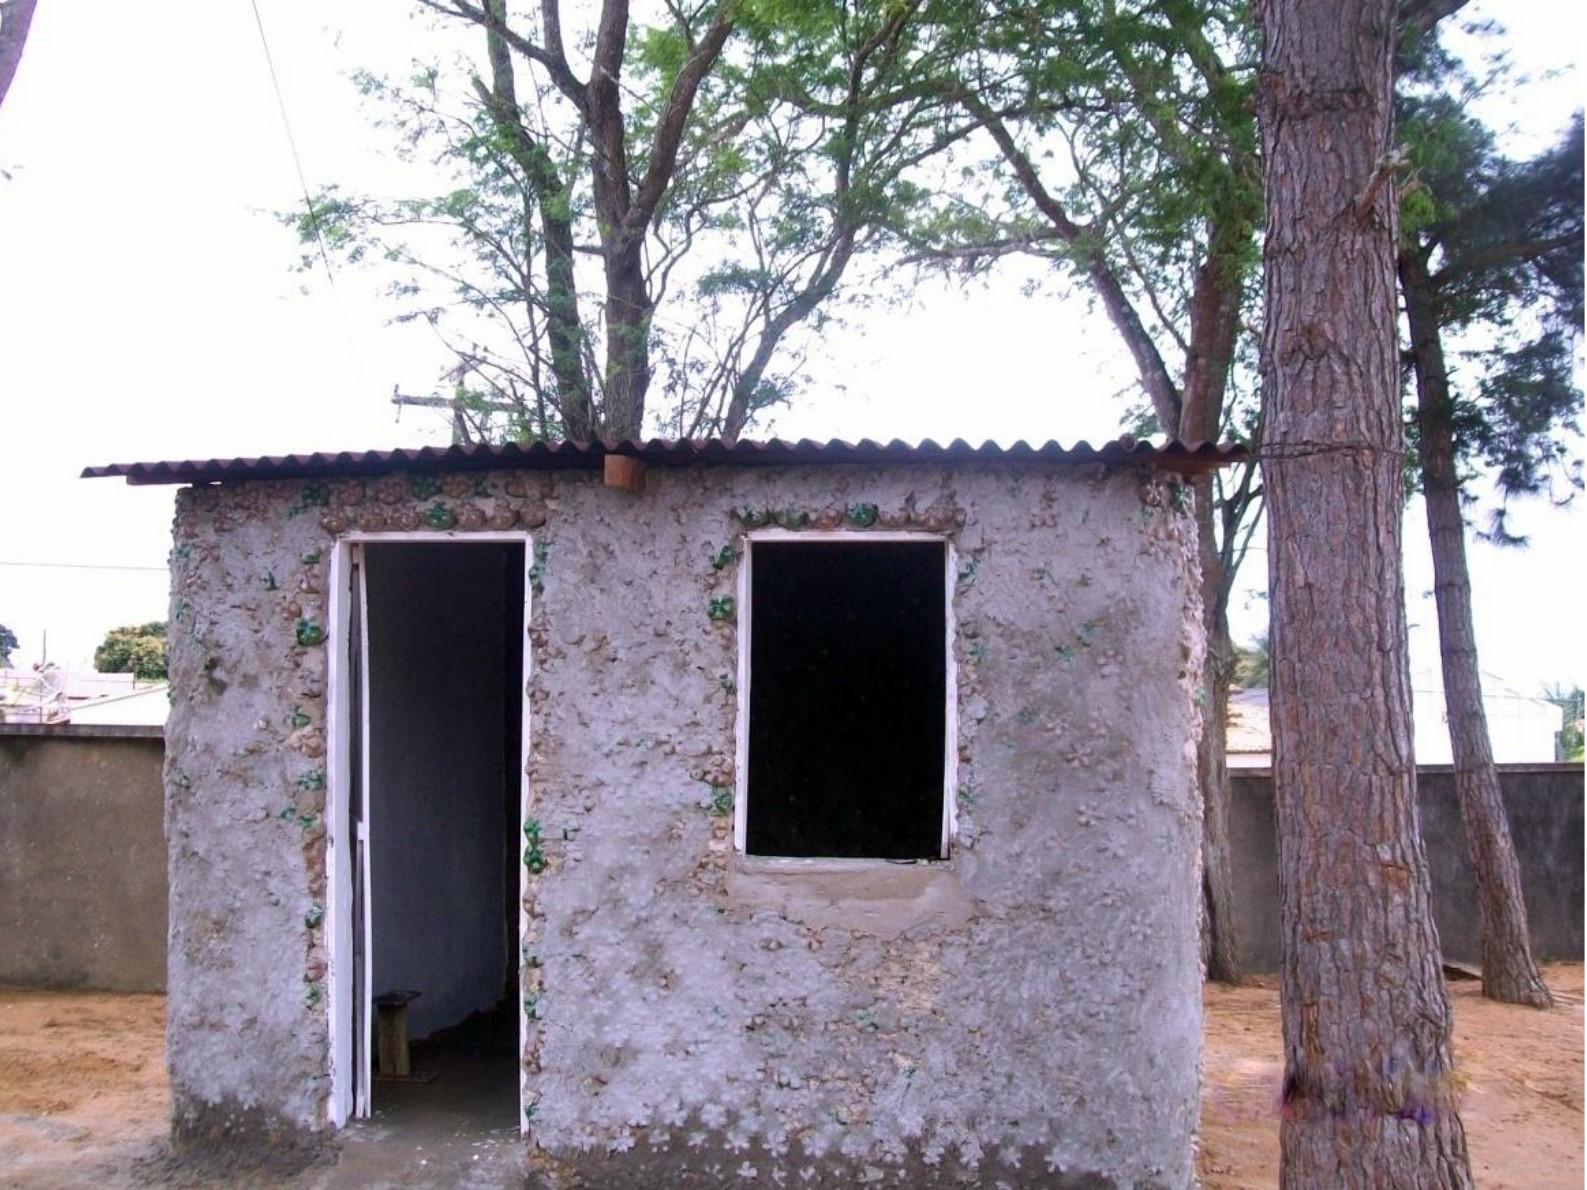 PROJETOS DE CASAS ECOLÓGICAS MundodasTribos projetos de casas  #845747 1587 1190